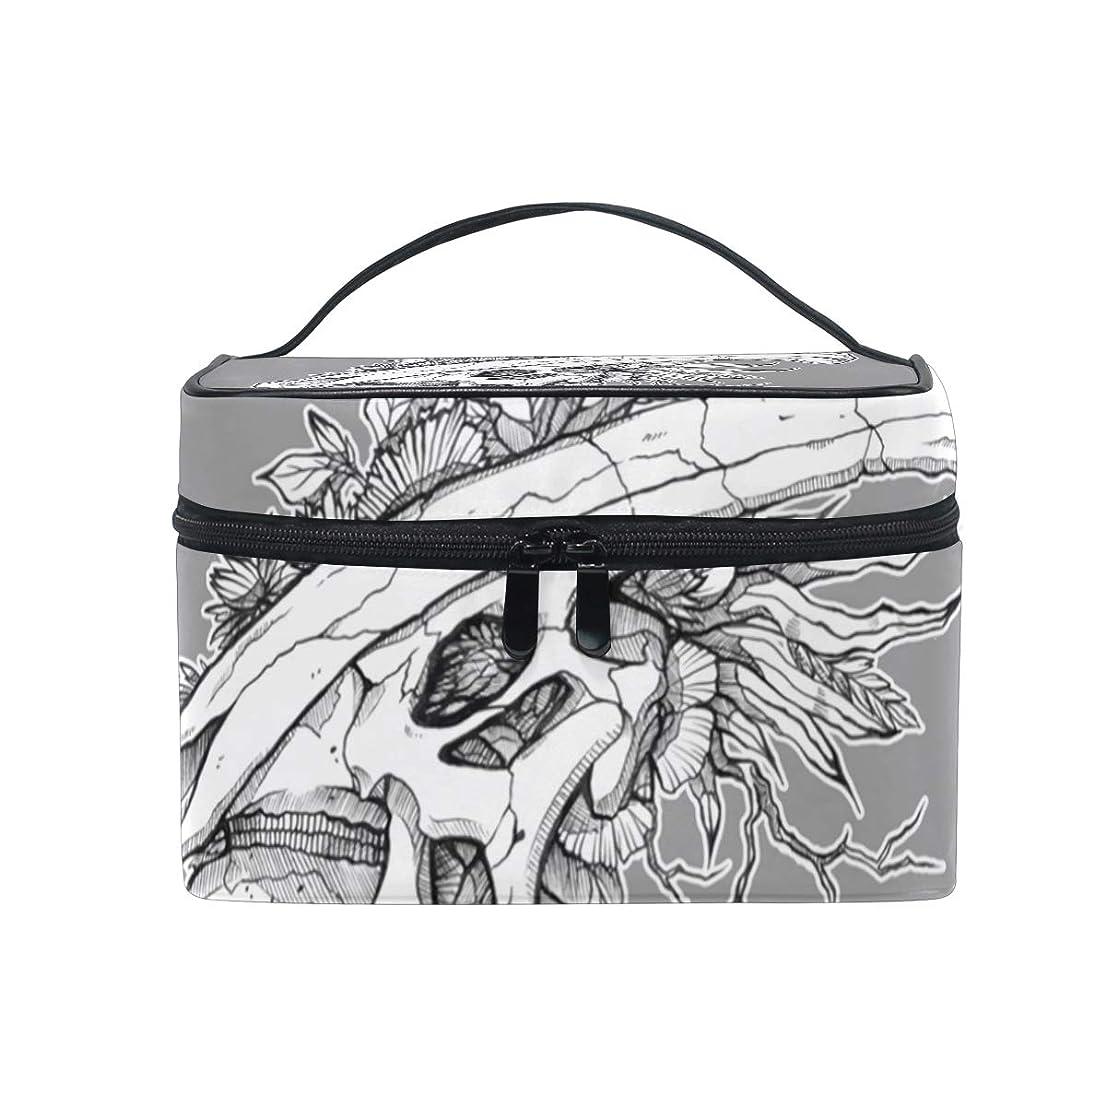 バンガローハック商業のメイクボックス 恐竜の世界柄 化粧ポーチ 化粧品 化粧道具 小物入れ メイクブラシバッグ 大容量 旅行用 収納ケース